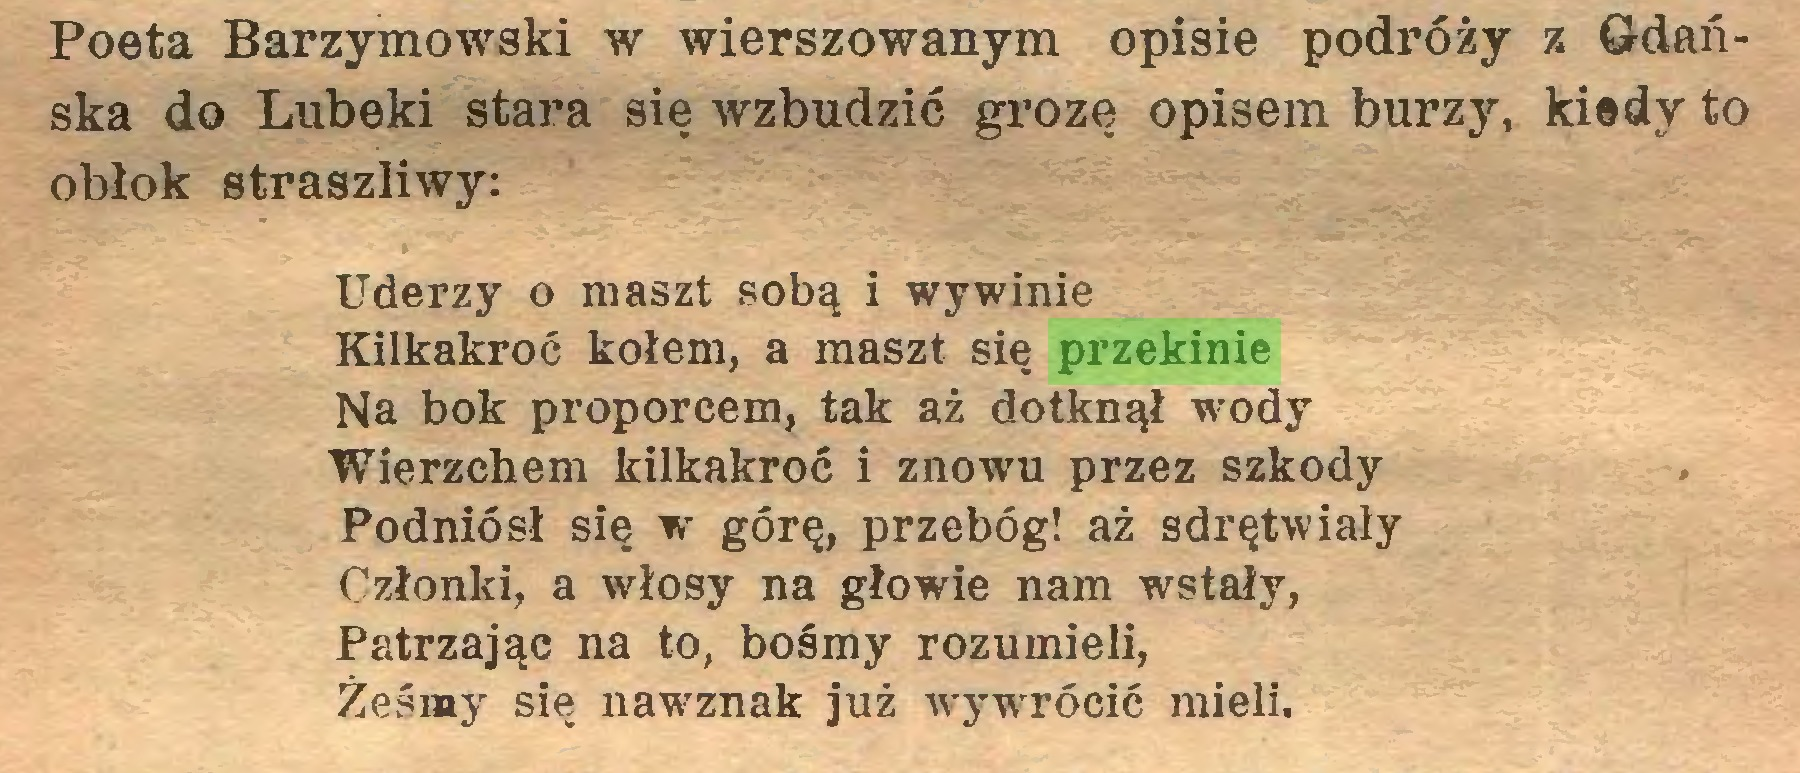 (...) Poeta Barzymowski w wierszowanym opisie podróży z Gdańska do Lubeki stara się wzbudzić grozę opisem burzy, kiedy to obłok straszliwy: Uderzy o maszt sobą i wywinie Kilkakroć kołem, a maszt się przekinie Na bok proporcem, tak aż dotknął wody Wierzchem kilkakroć i znowu przez szkody Podniósł się w górę, przebóg! aż sdrętwiały Członki, a włosy na głowie nam wstały, Patrzając na to, bośmy rozumieli, Żeśmy się nawznak już wywrócić mieli...